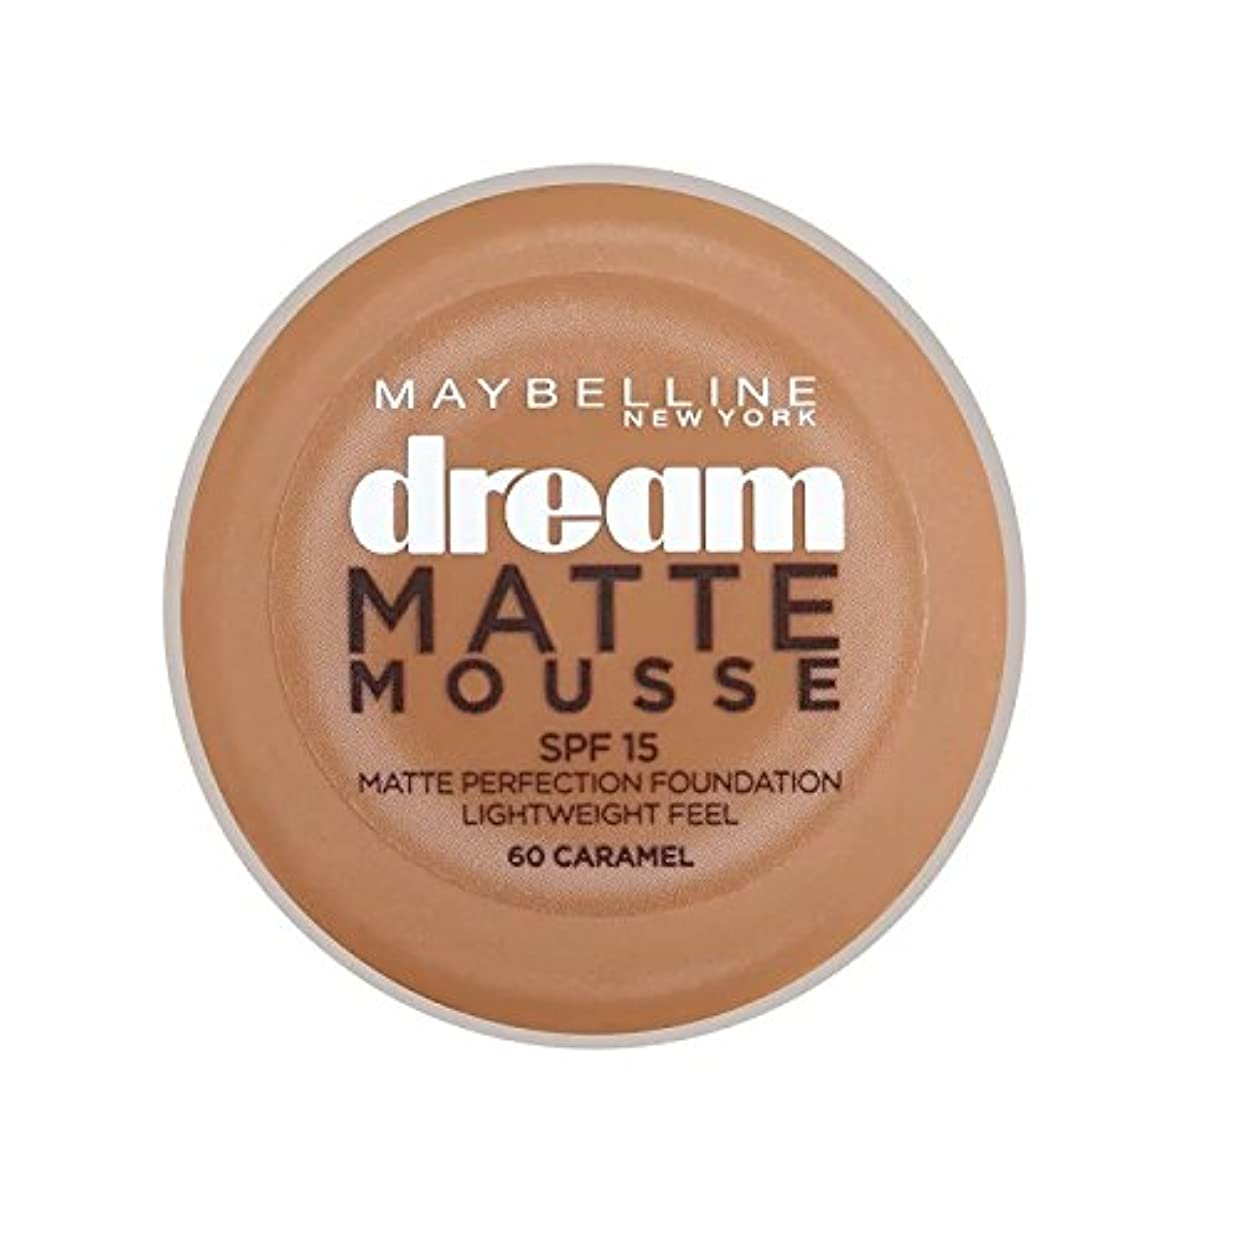 トースト抗生物質重要なMaybelline Dream Matte Mousse Foundation 60 Caramel 10ml - メイベリン夢のマットムース土台60キャラメル10ミリリットル [並行輸入品]